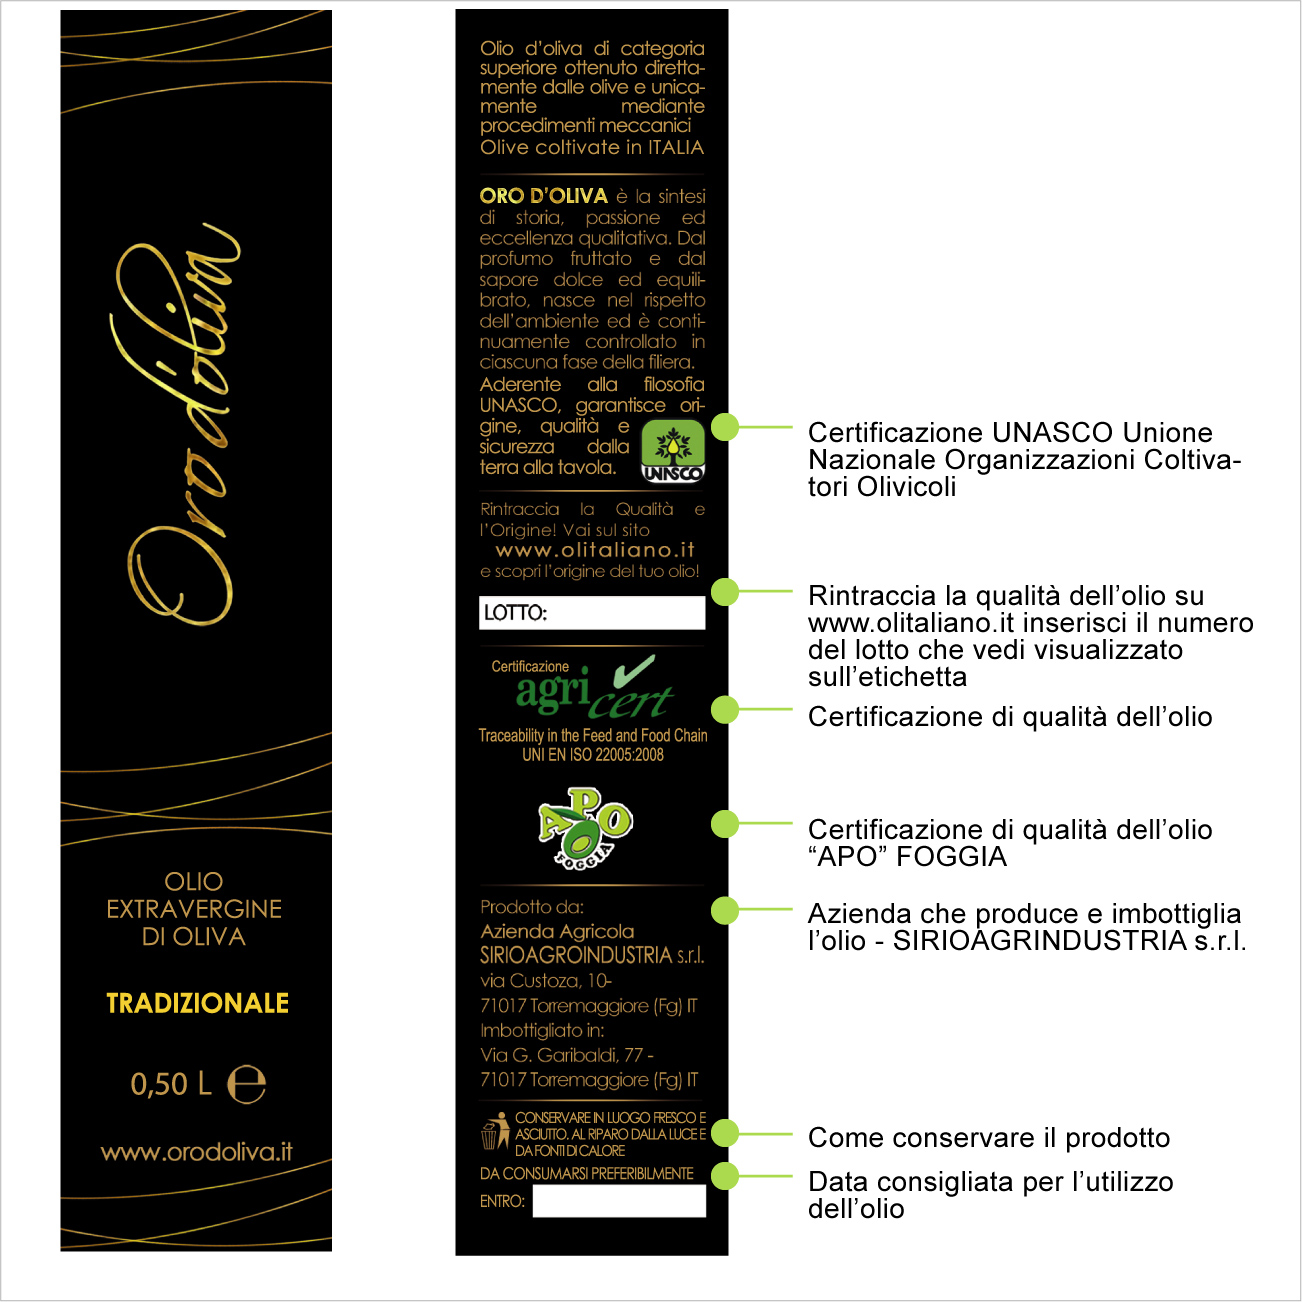 Famoso Oro d'oliva, come leggere l'etichetta - extravergine di oliva  XF41